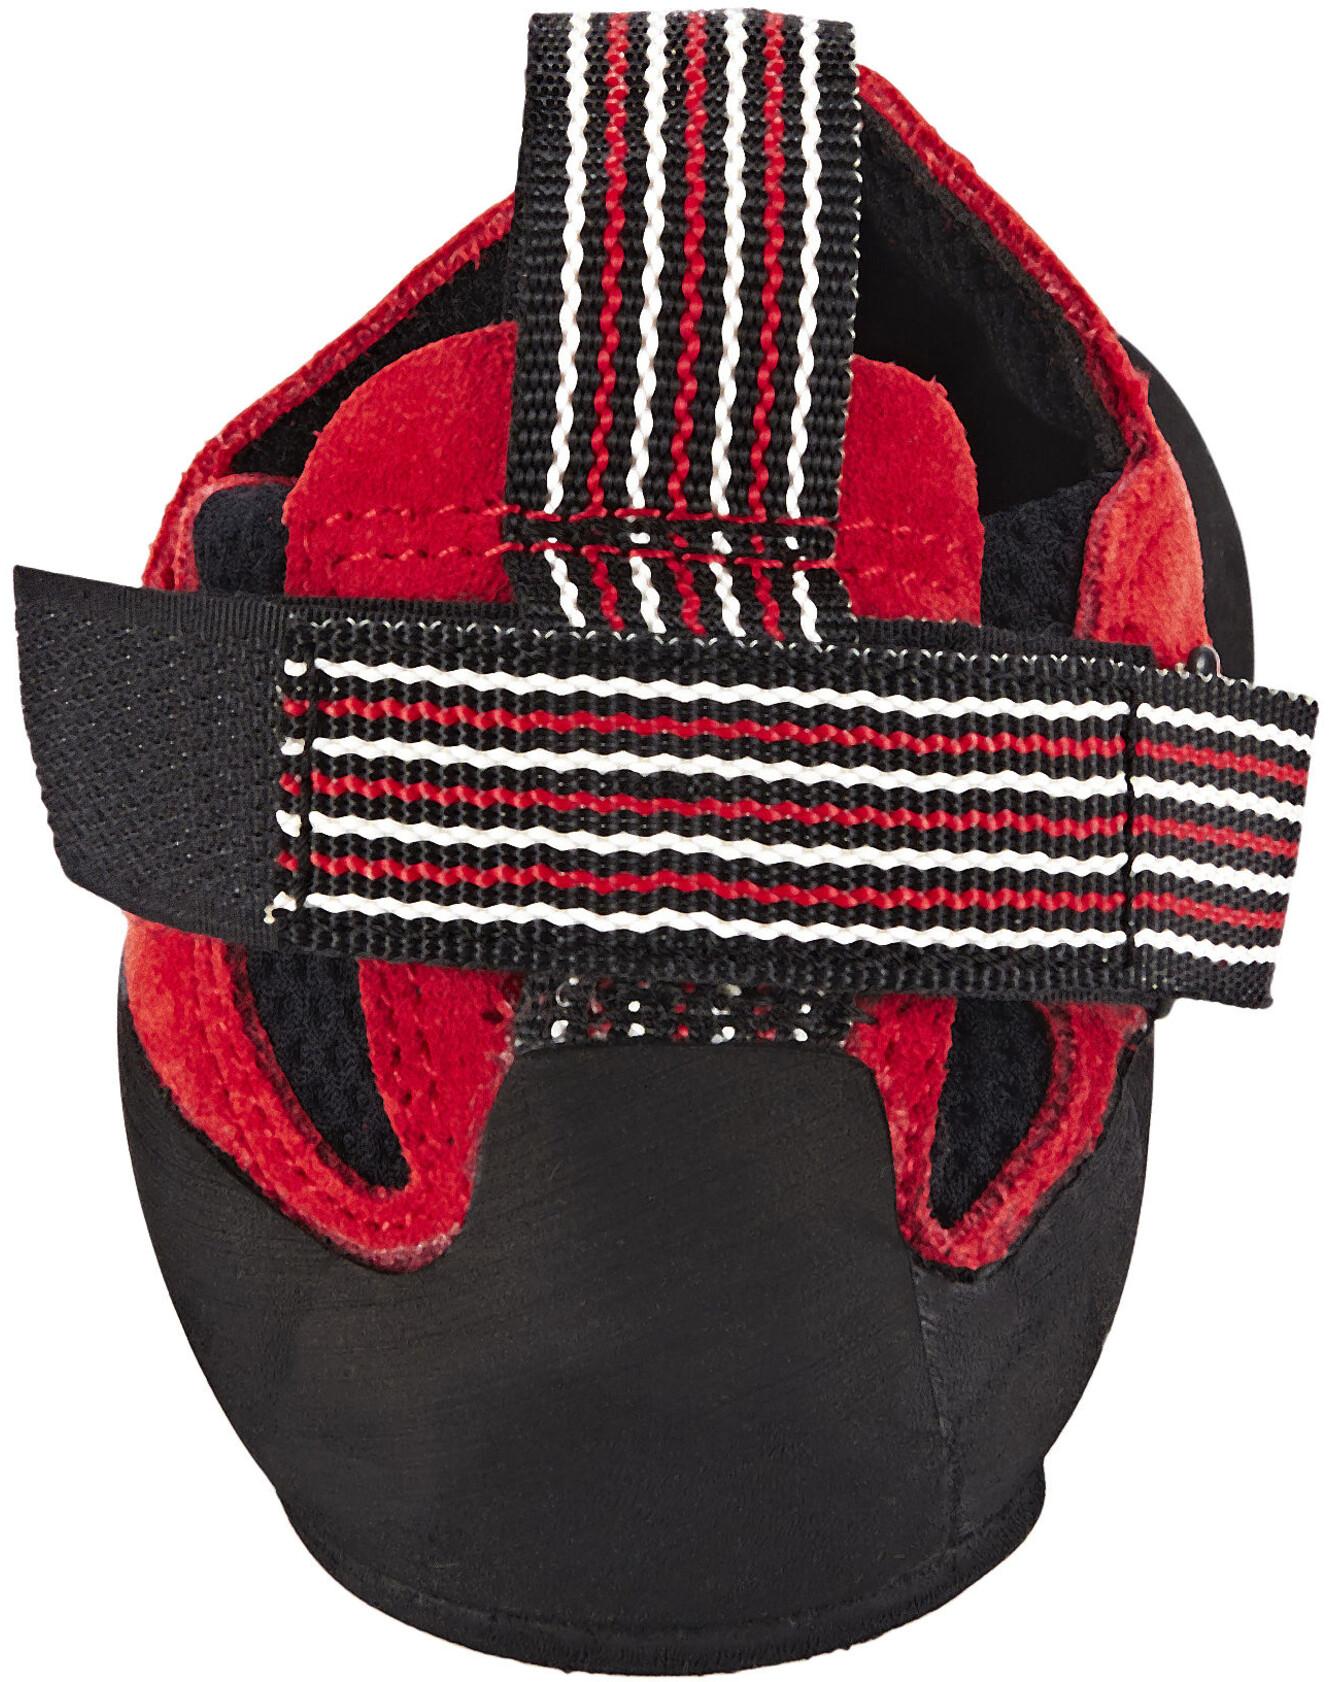 a15d3f522f794 Boreal Ninja Junior - Chaussures d escalade Enfant - rouge noir sur ...